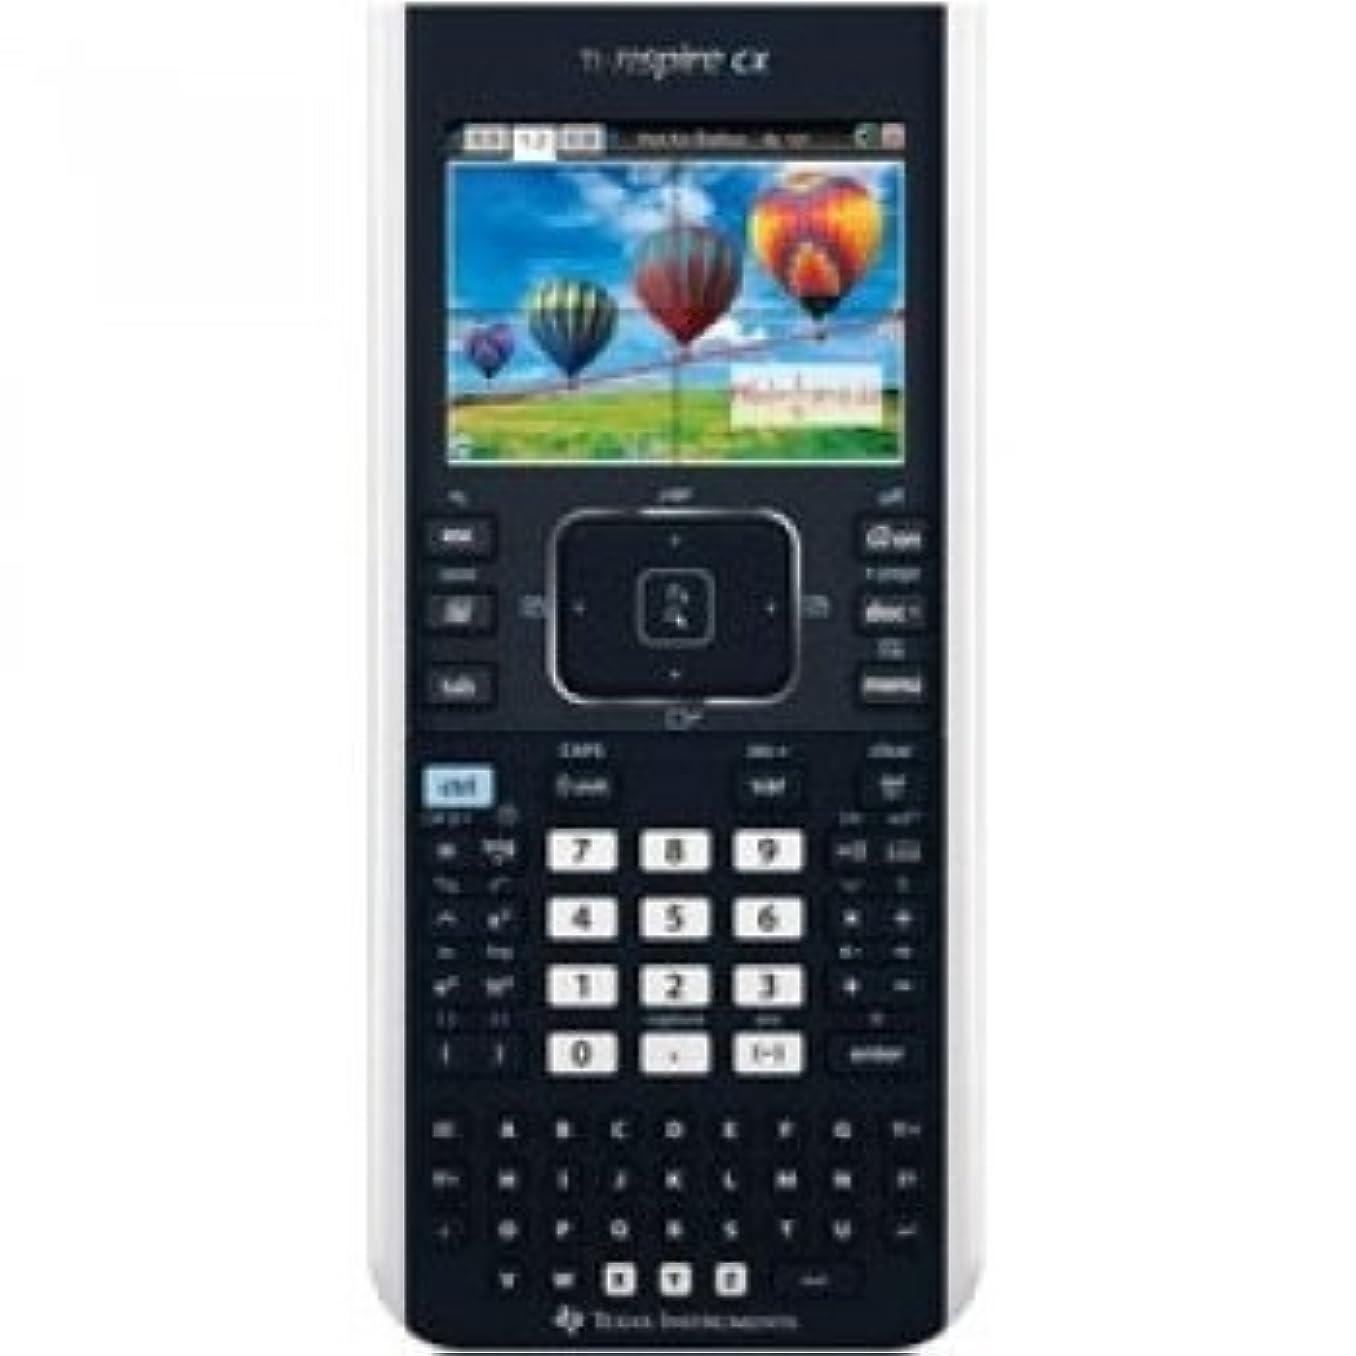 肘掛け椅子出します彼女Texas Instruments Nspire CX Graphic Calculator for Maths and Science by Texas Instruments [並行輸入品]